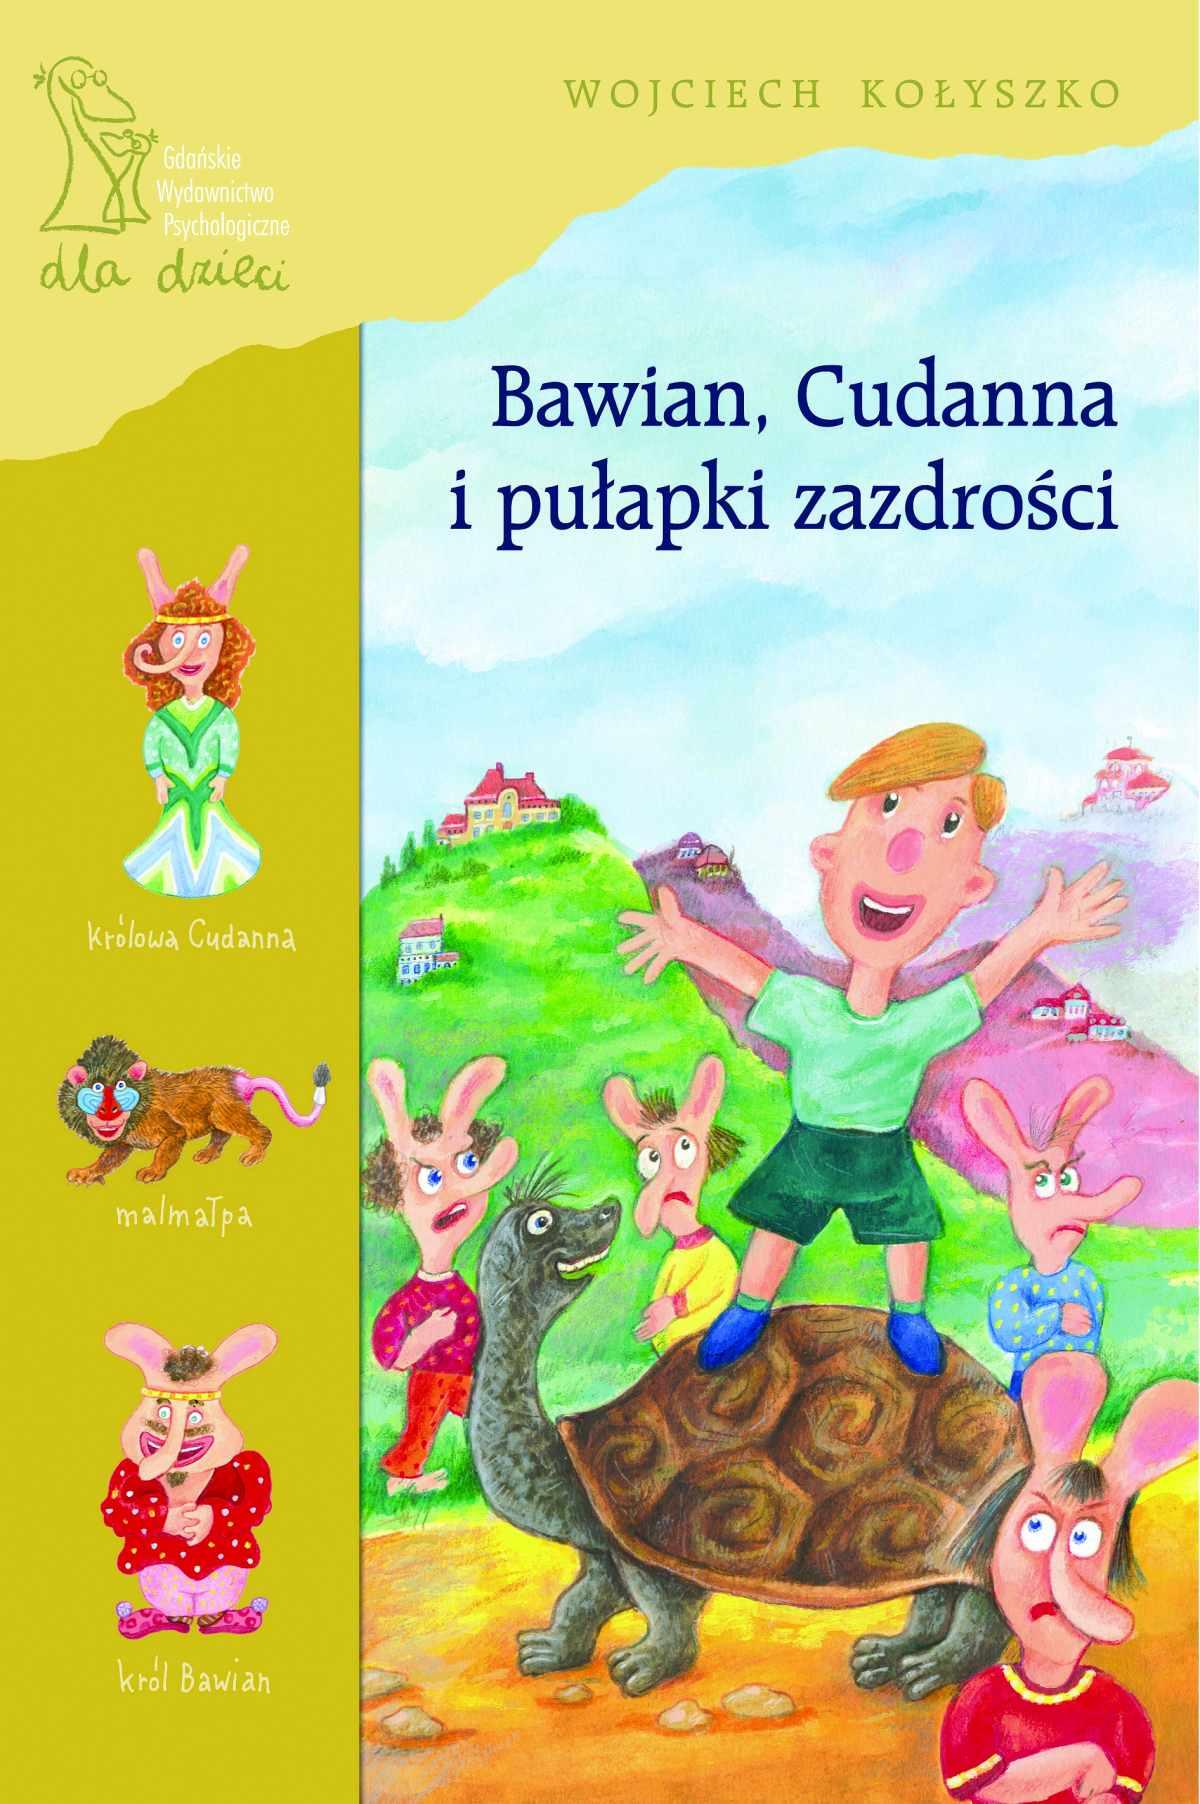 Bawian, Cudanna i pułapki zazdrości - Ebook (Książka PDF) do pobrania w formacie PDF